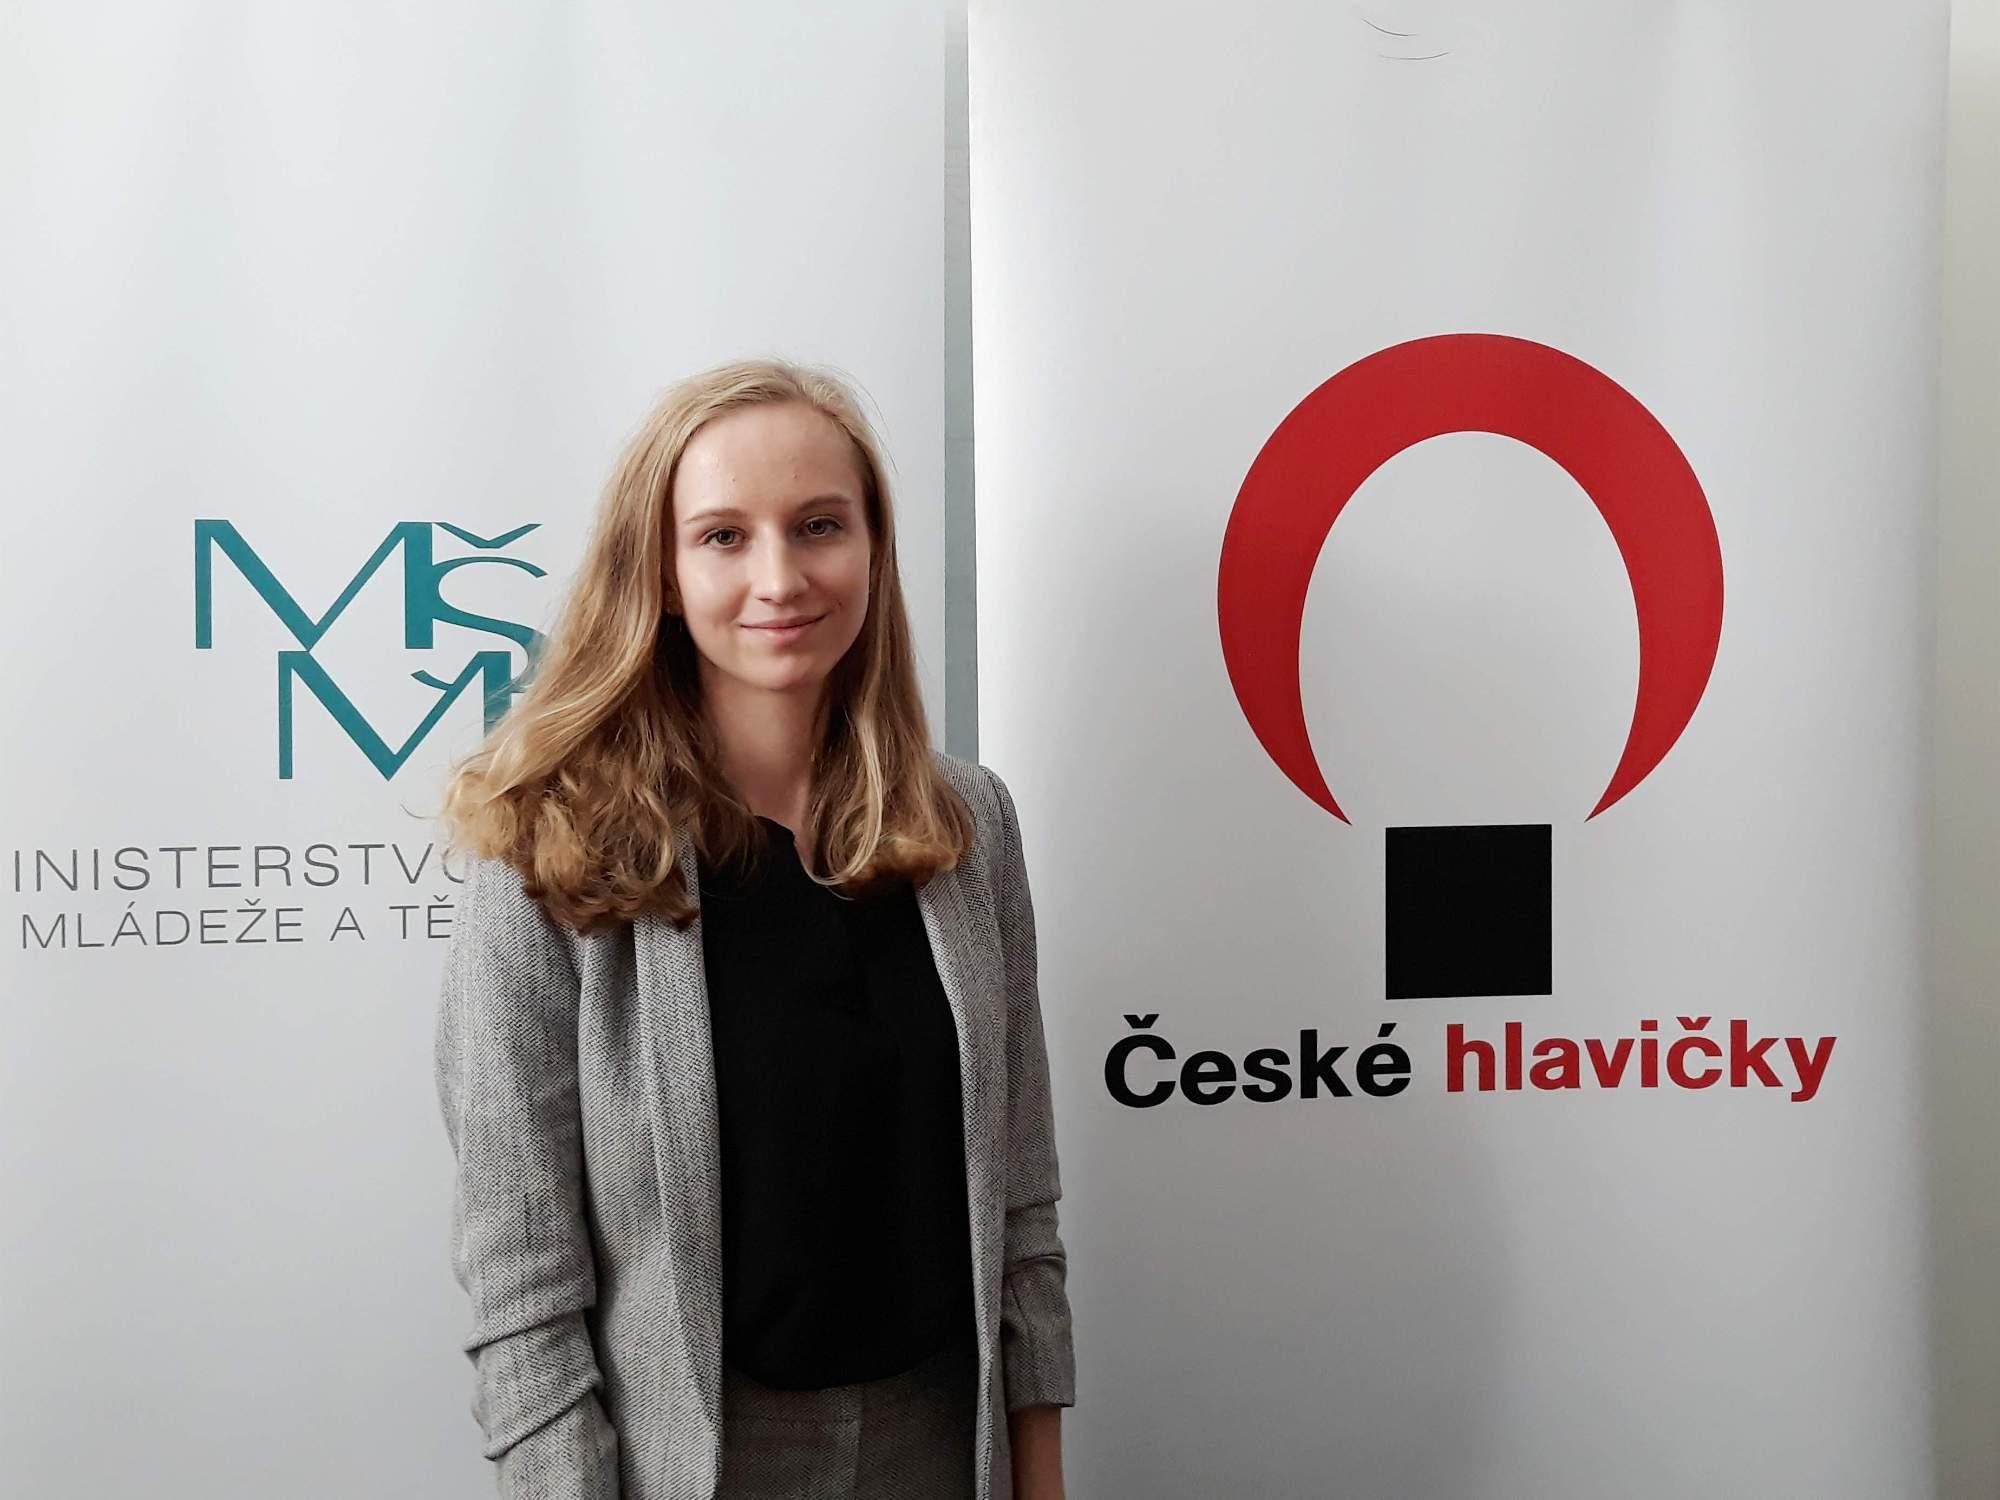 Laureátka soutěže Nikola Svobodová. Foto: Miroslava Putzlacherová